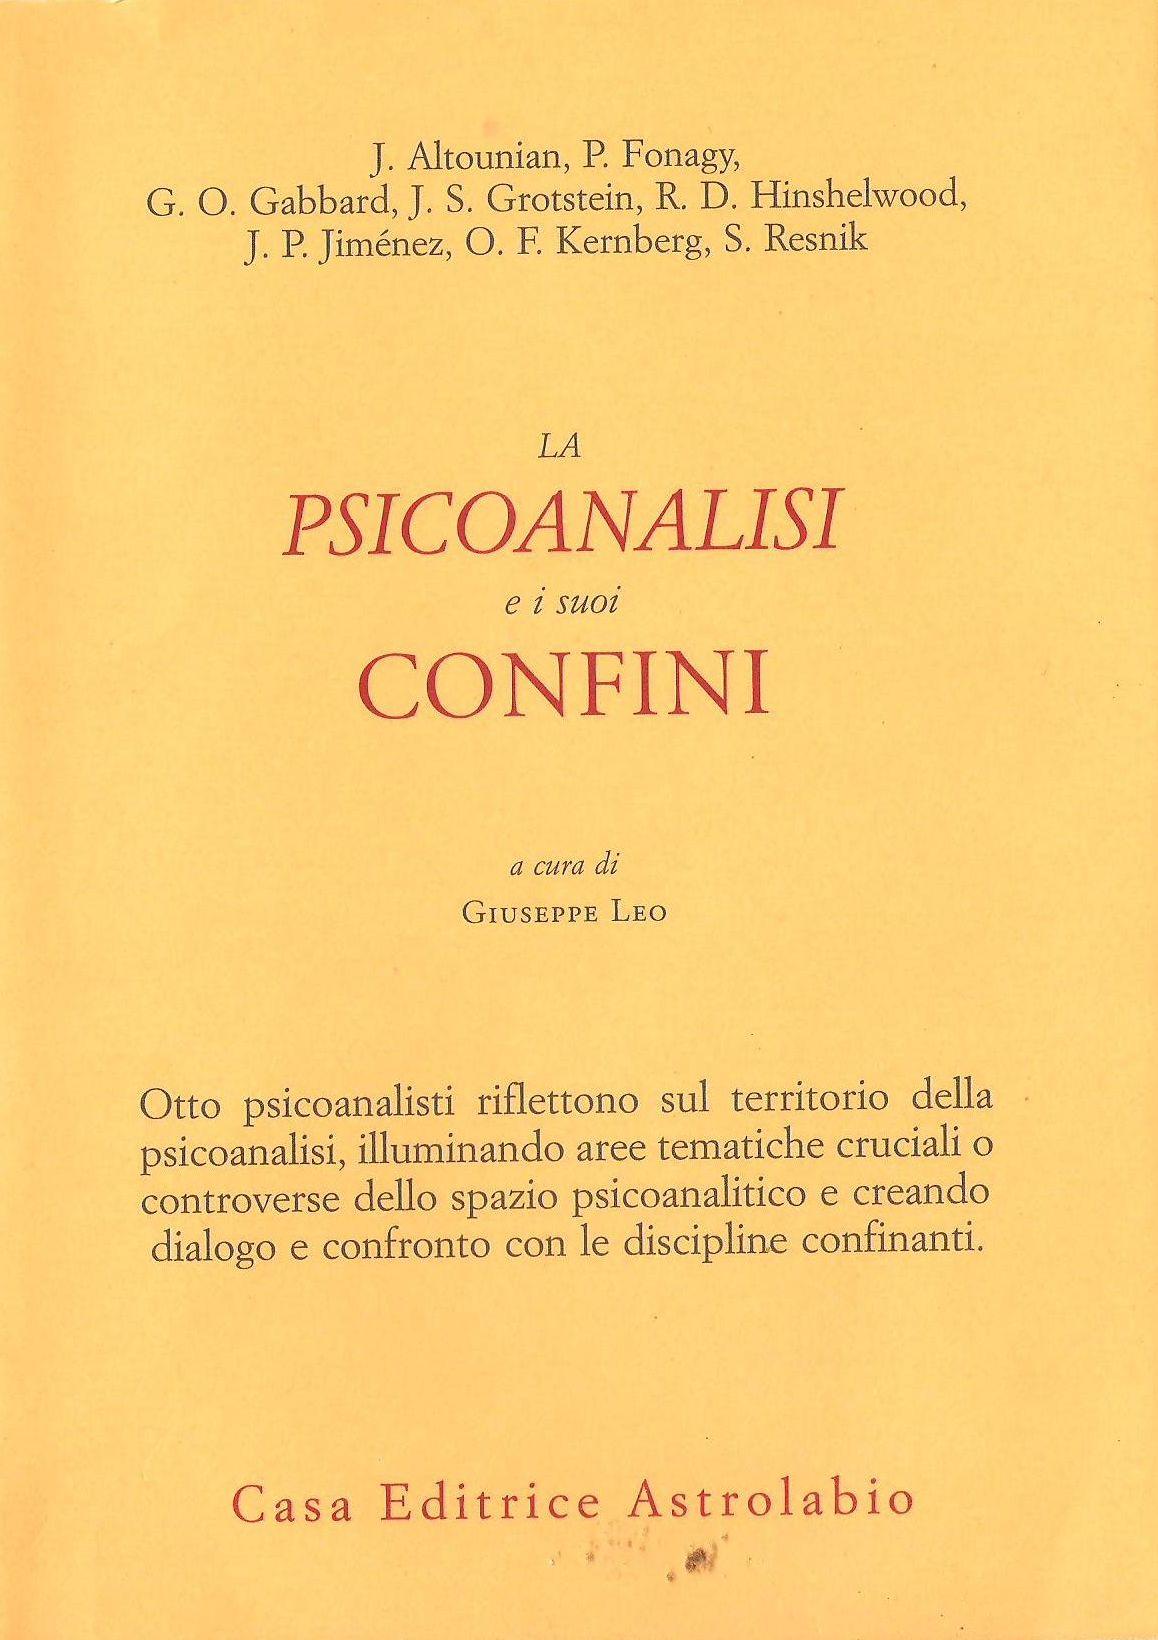 La psicoanalisi e i suoi confini